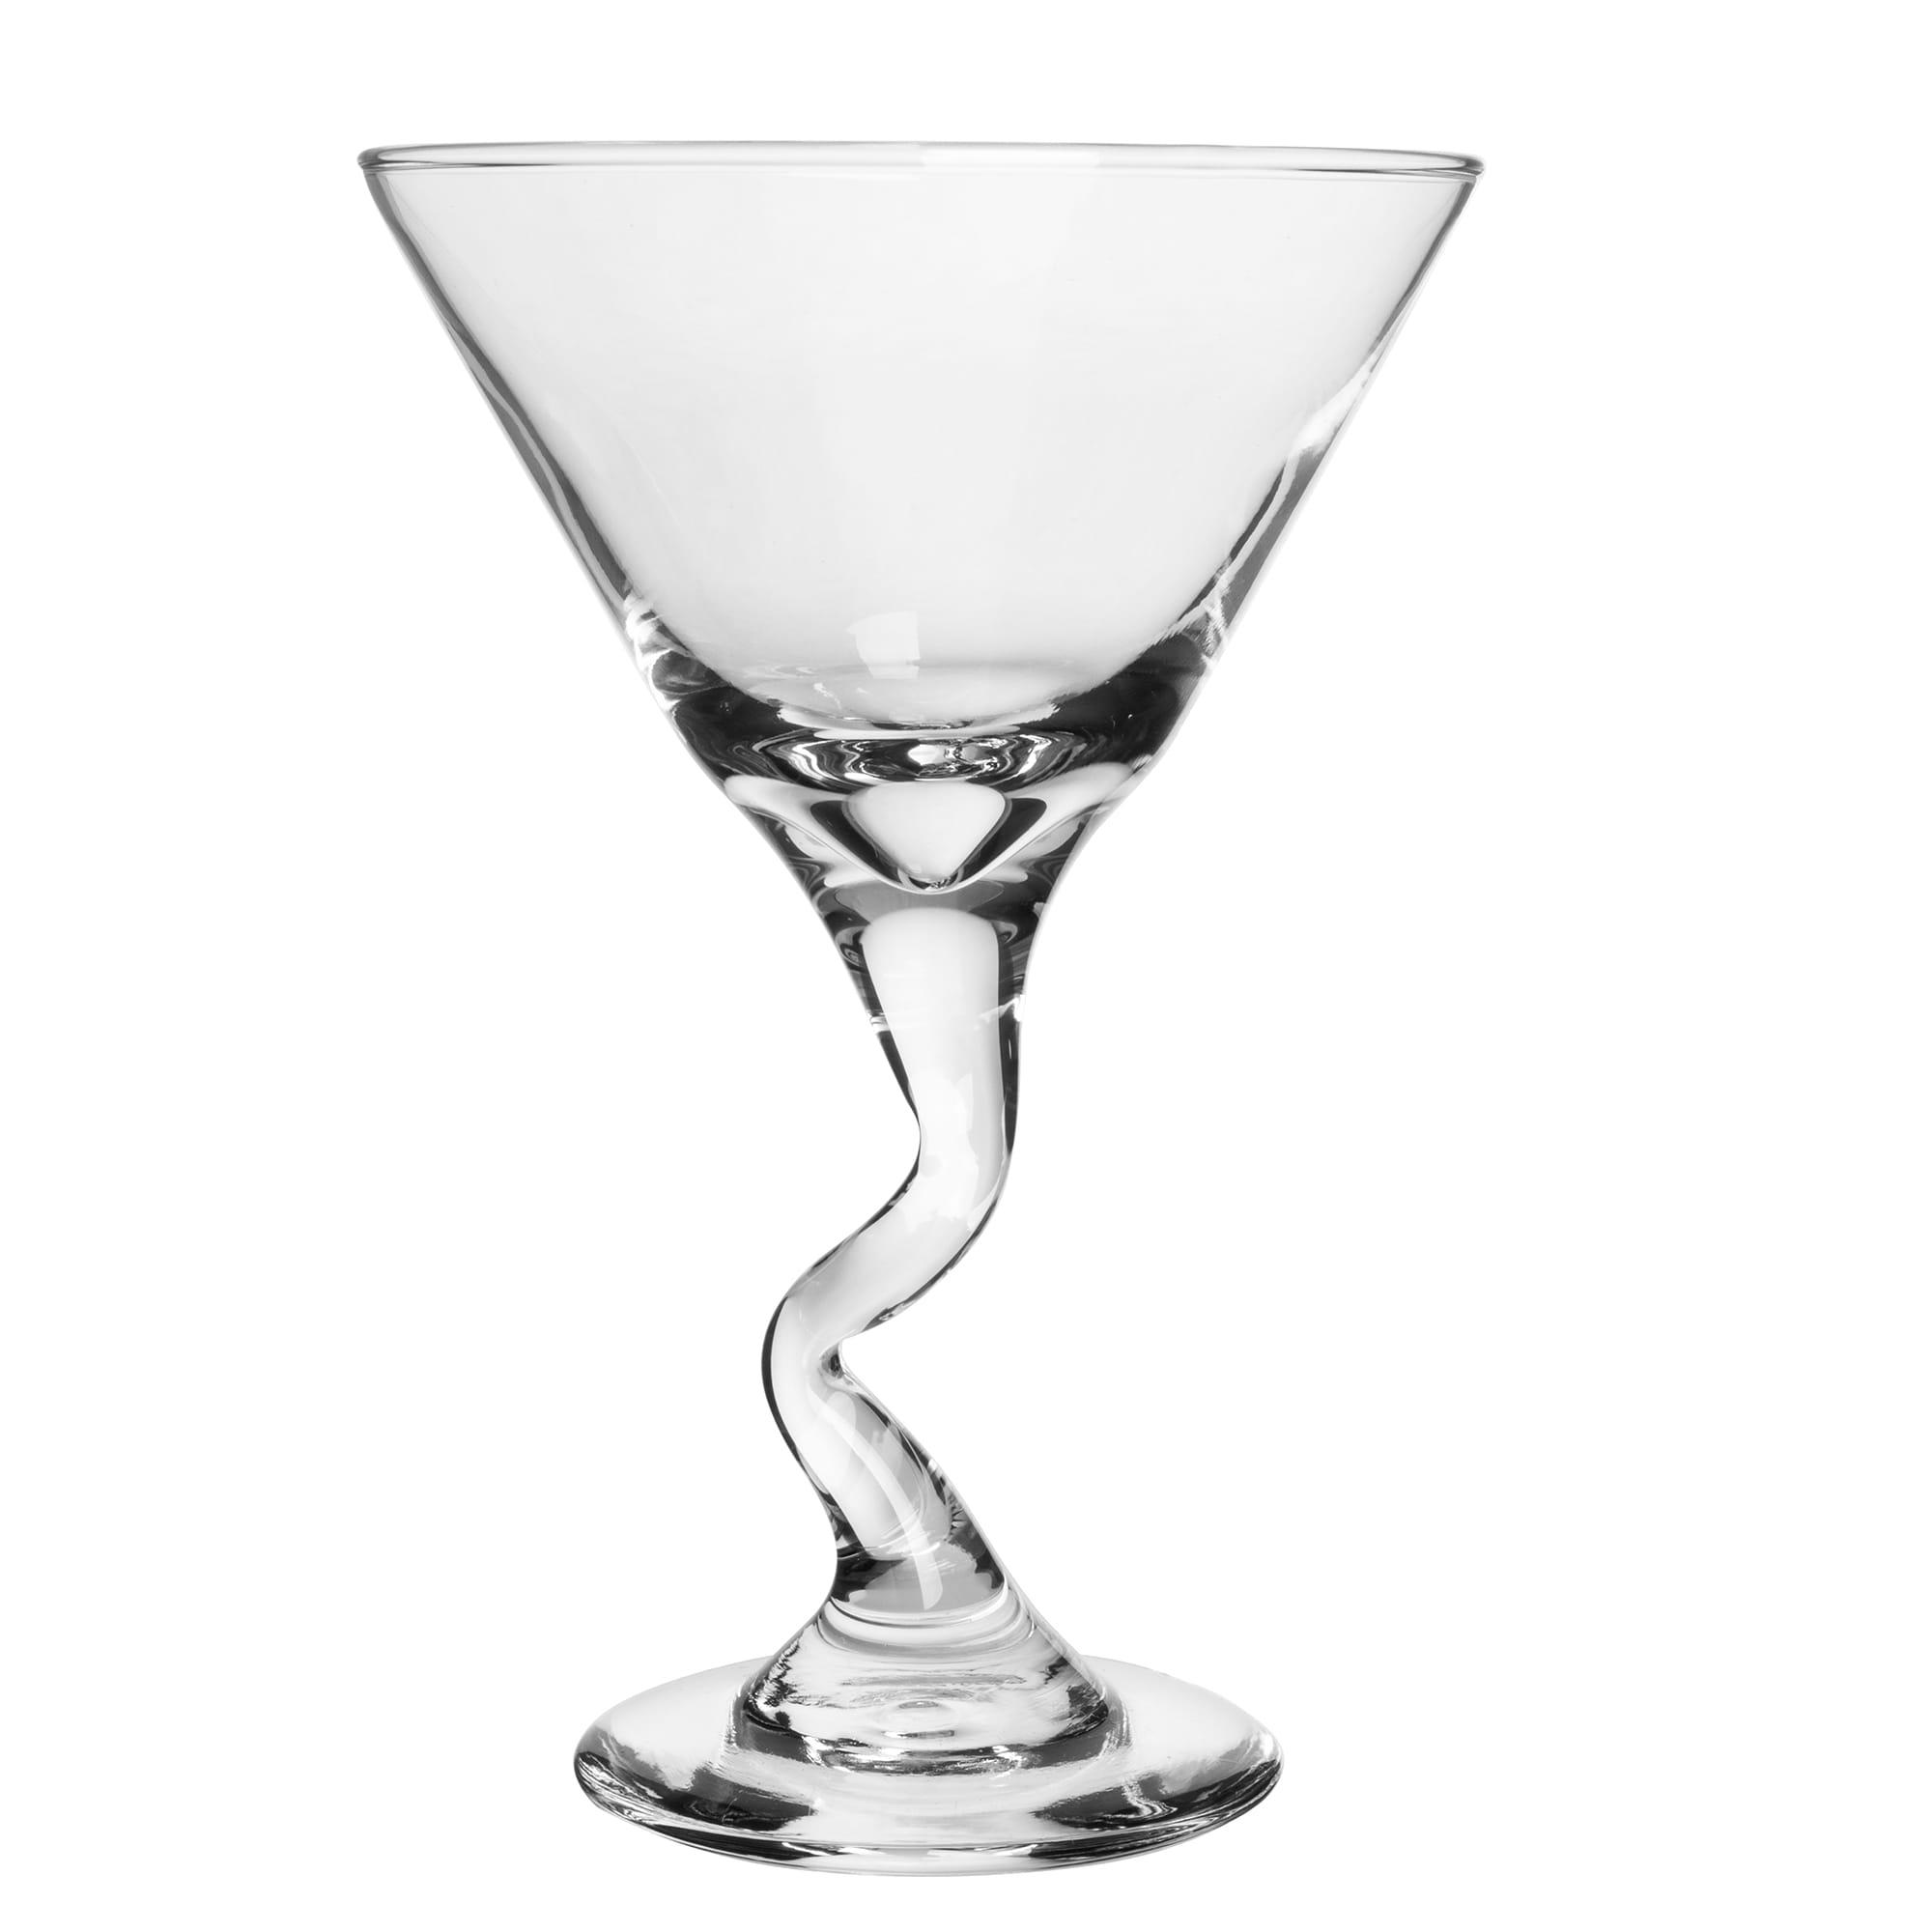 Libbey 37799 9.25 oz Z-Stem Martini Glass